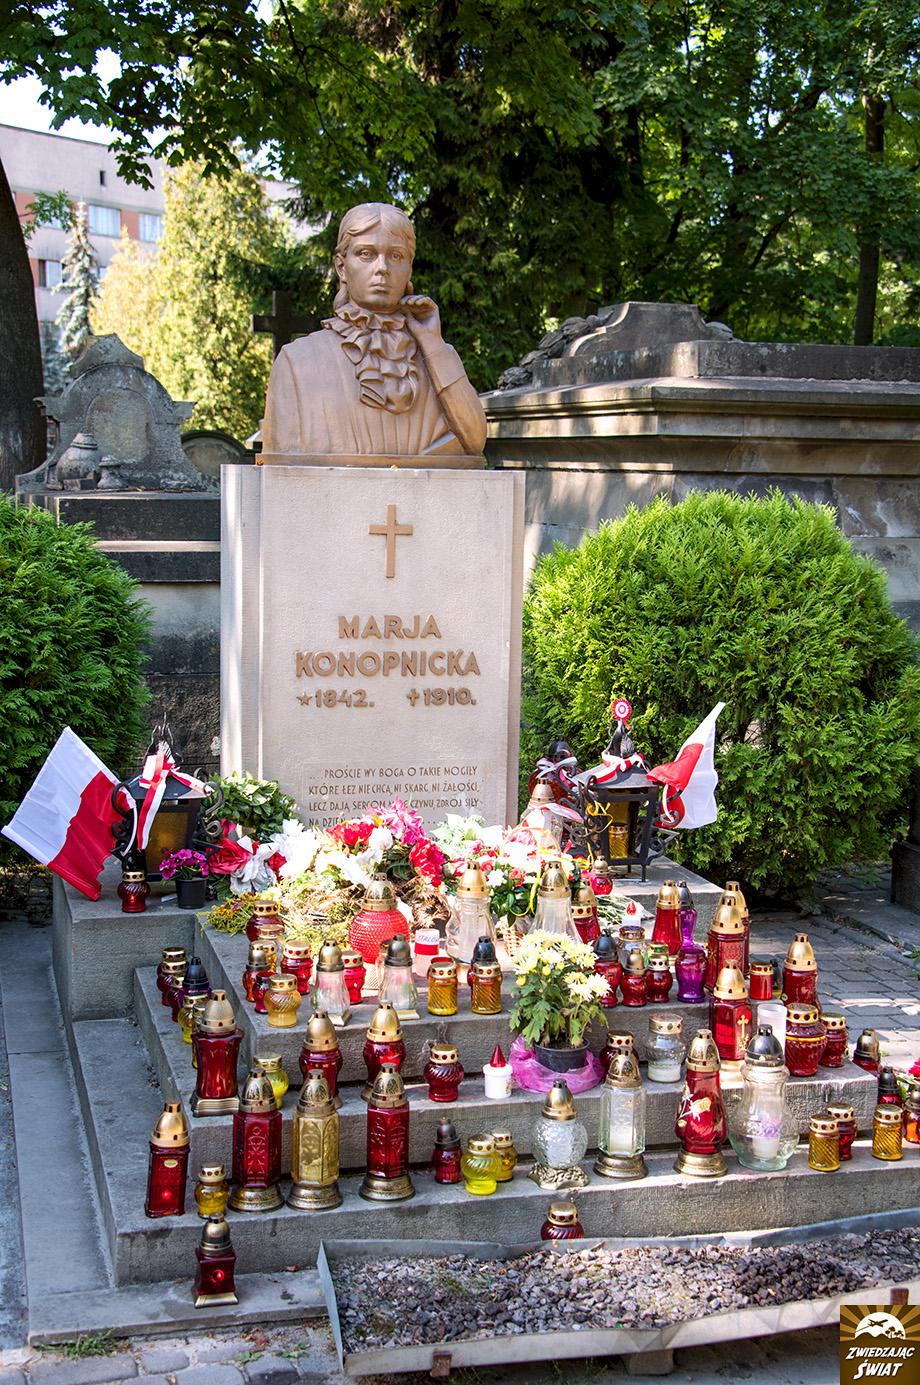 miejsce spoczynku Marii Konopnickiej, słynnej autorki utworów dla dzieci i młodzieży, poetki